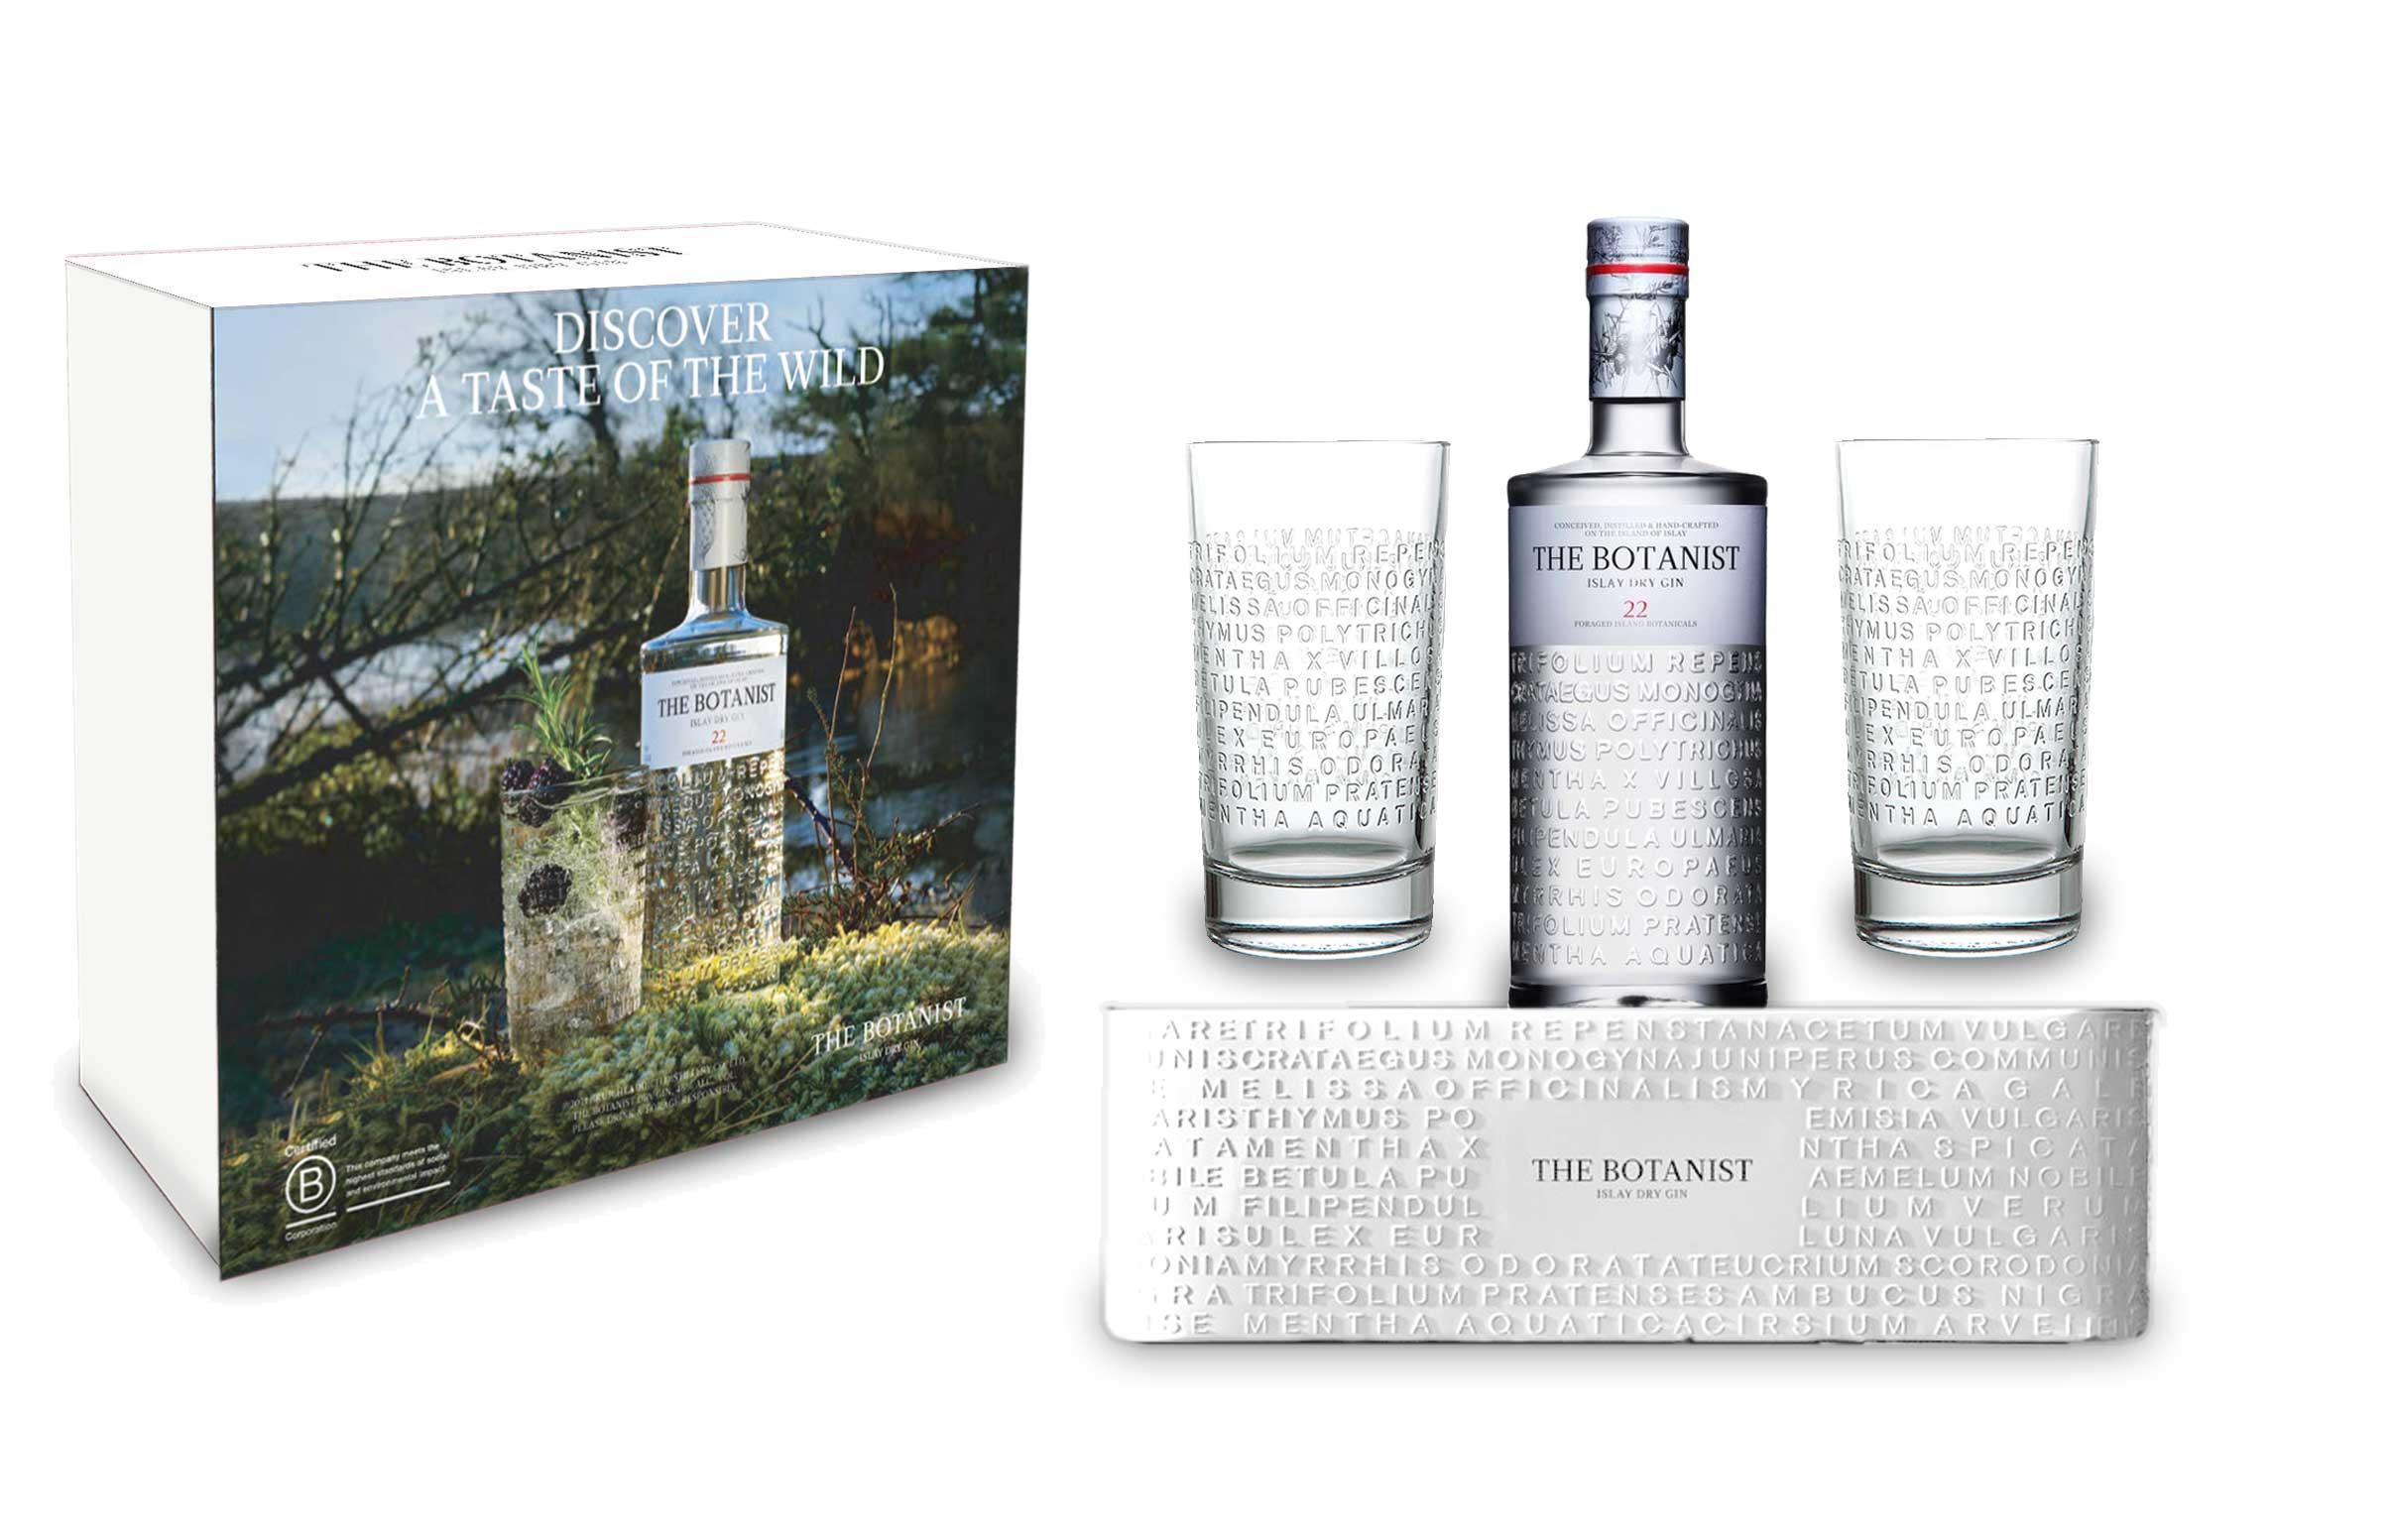 Botanist Gin Geschenkset - The Botanist Islay Dry Gin 0,7l (46% Vol) + 2x Longdrinkgläser + Blumentopf / Pflanzkübel aus Metall mit Logo